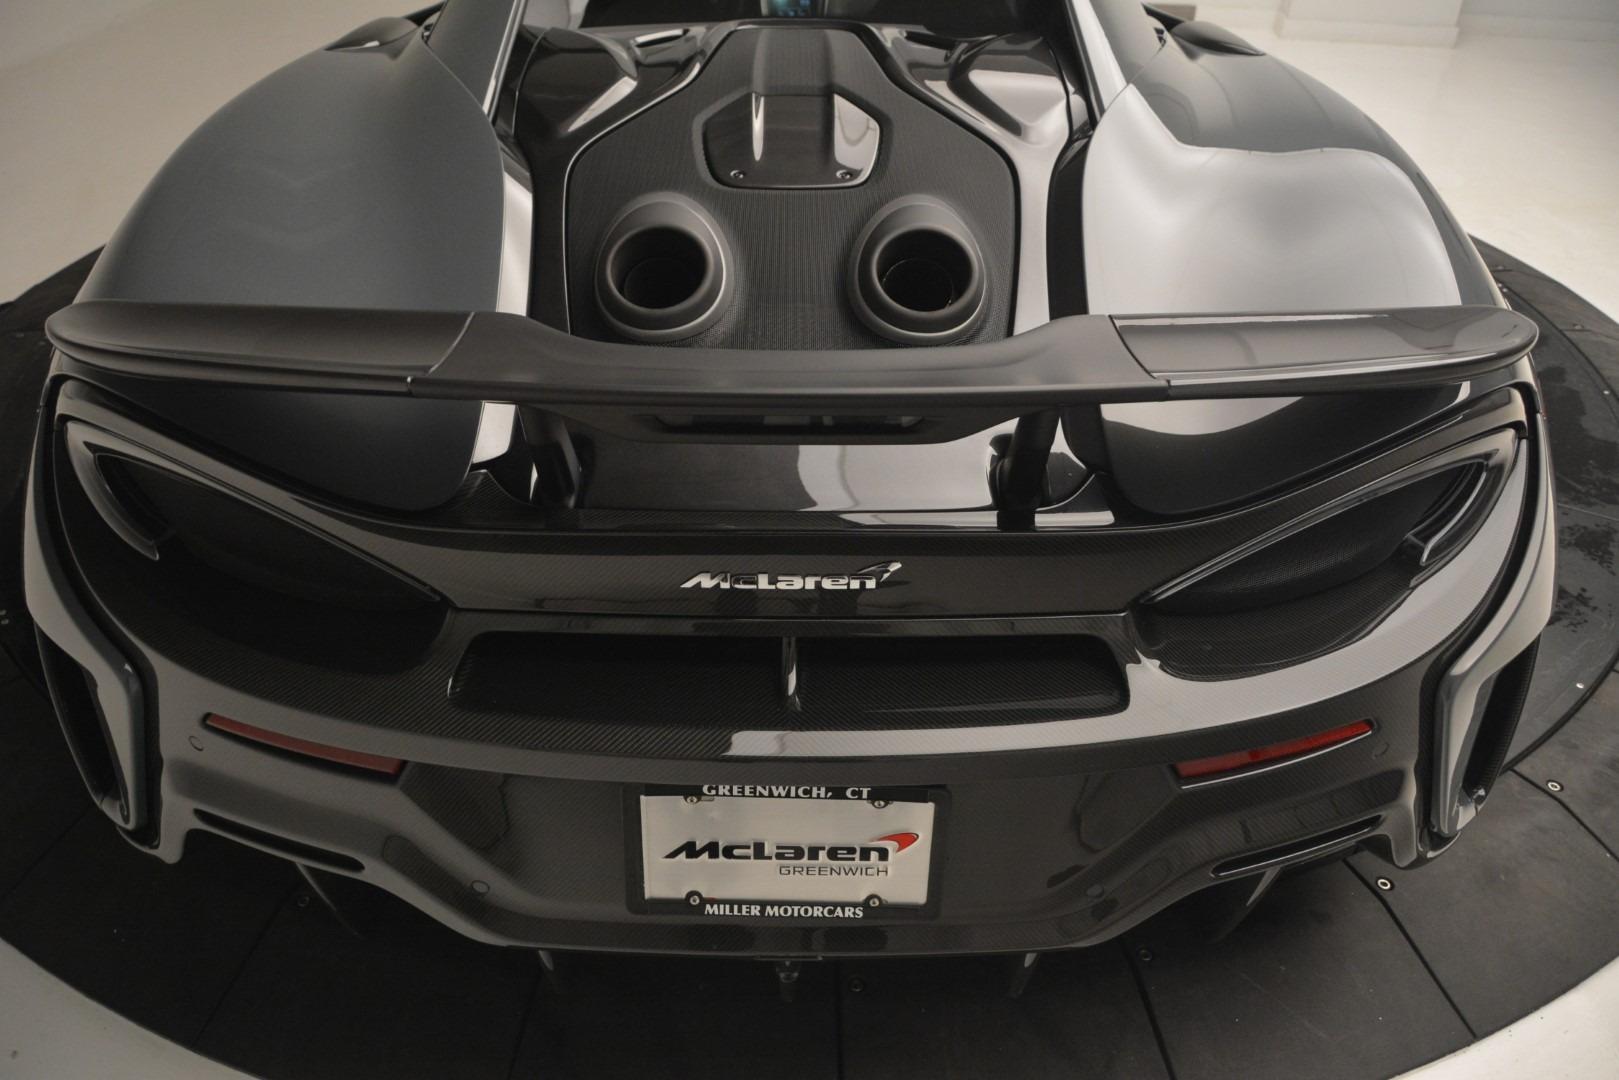 New 2019 McLaren 600LT Coupe For Sale In Westport, CT 2643_p26